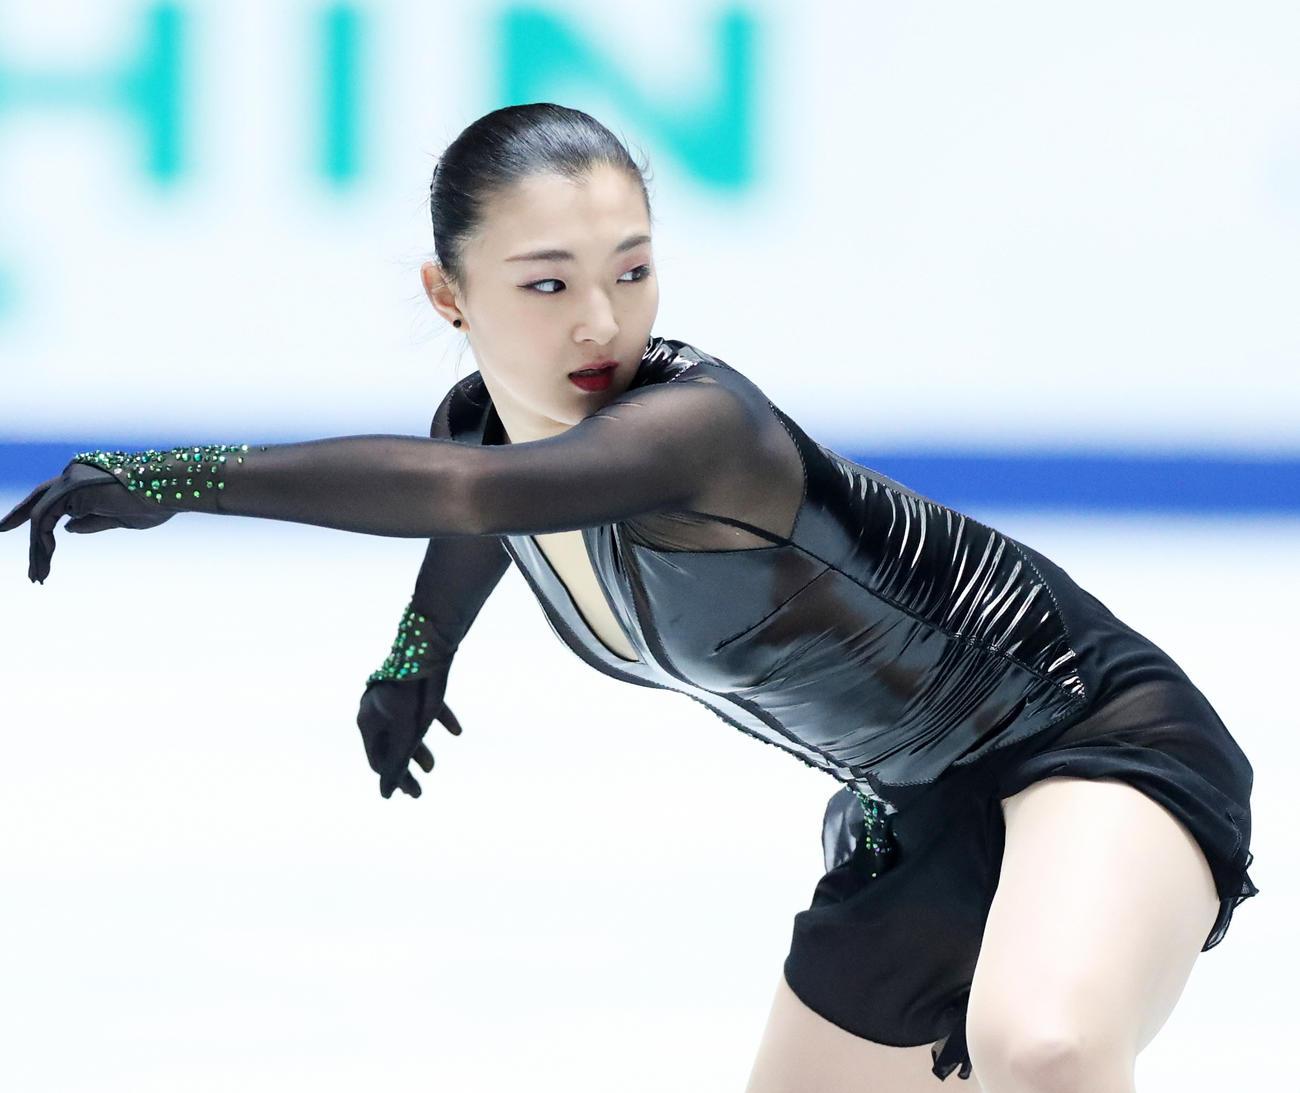 昨年の全日本選手権で6位に終わった坂本花織(2019年12月21日撮影)